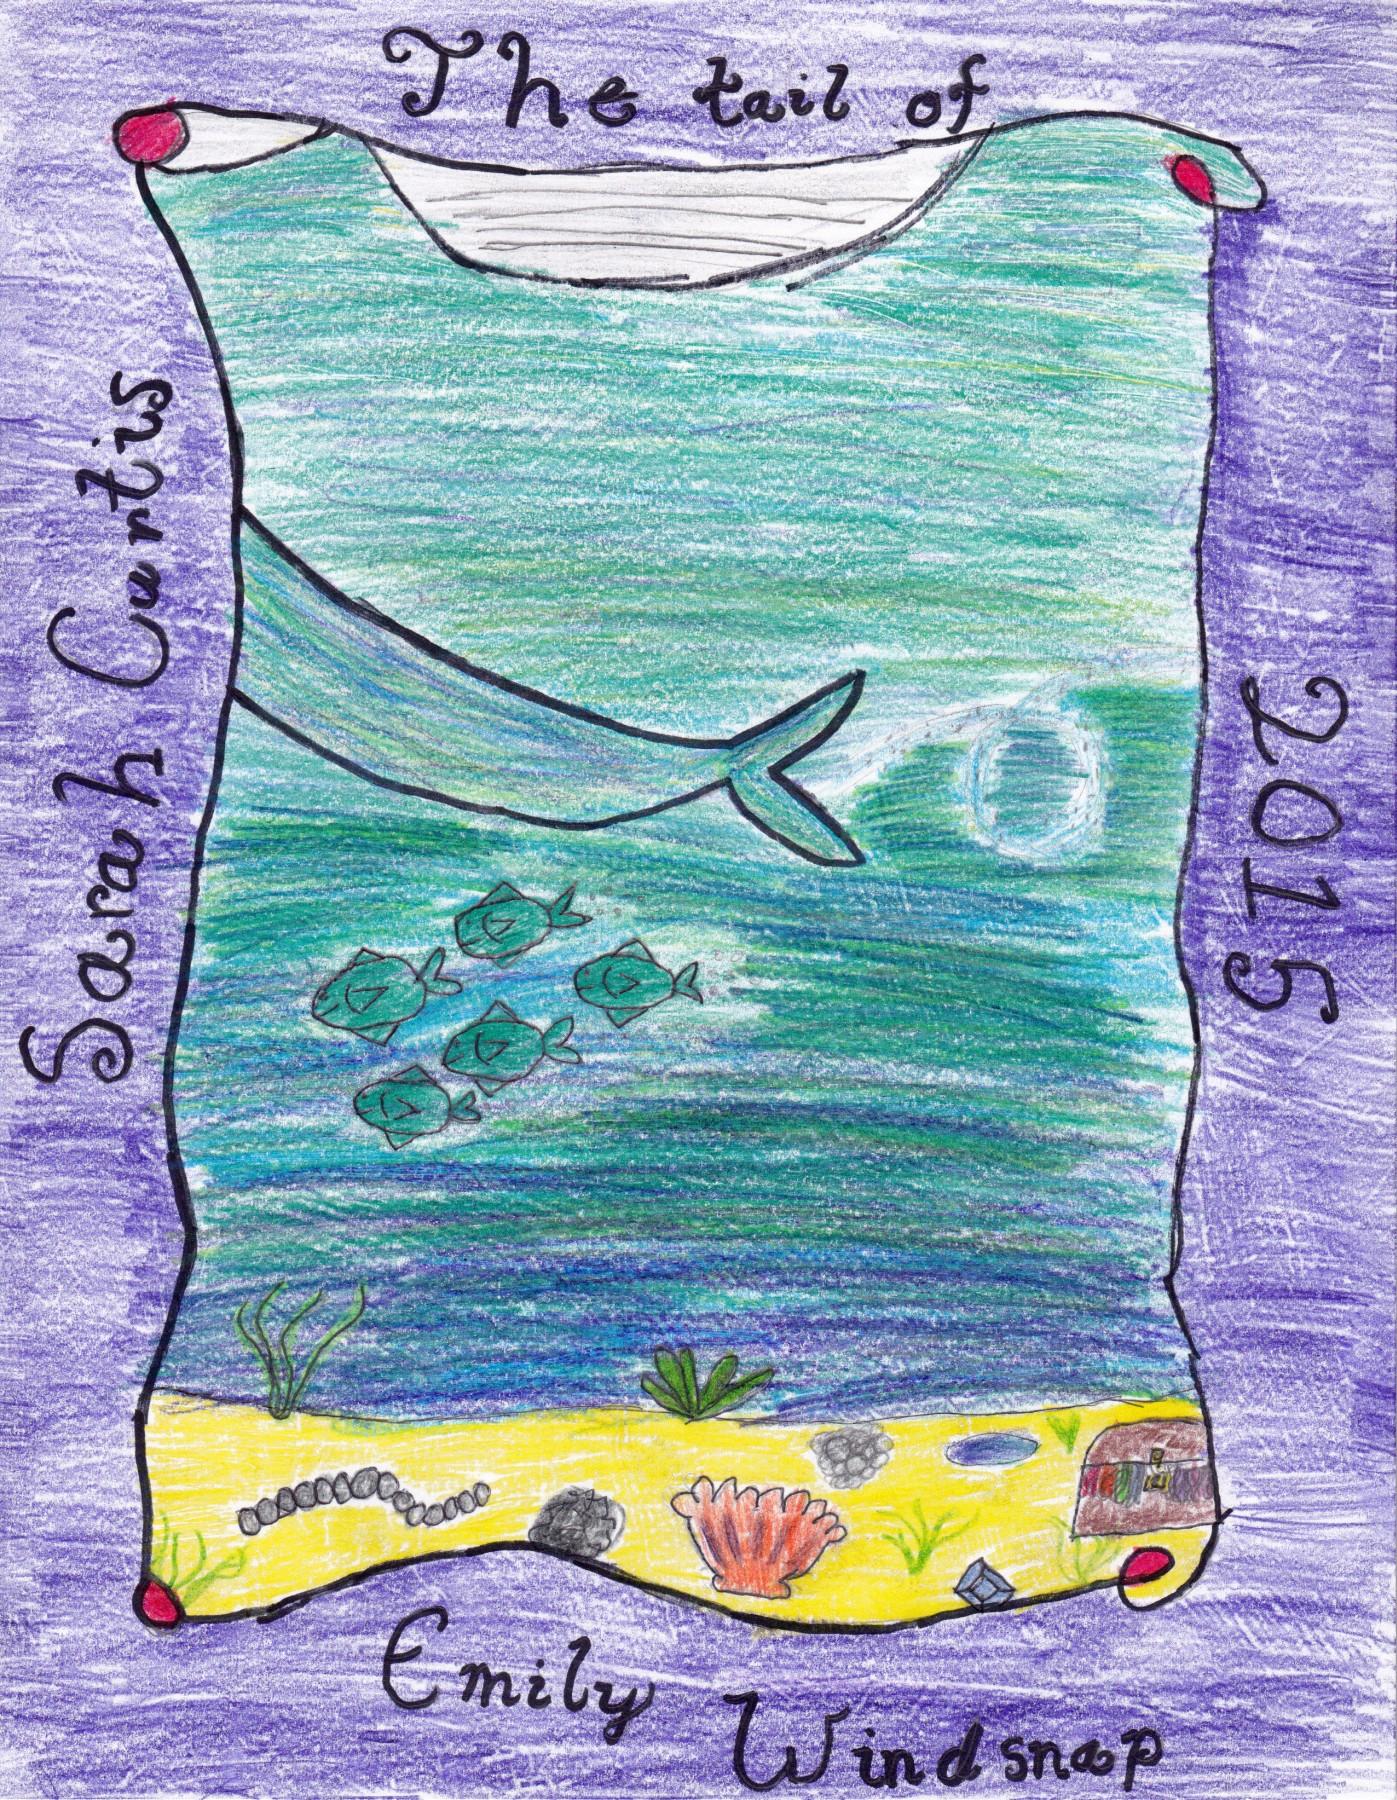 Sarah Curtis - Age 8